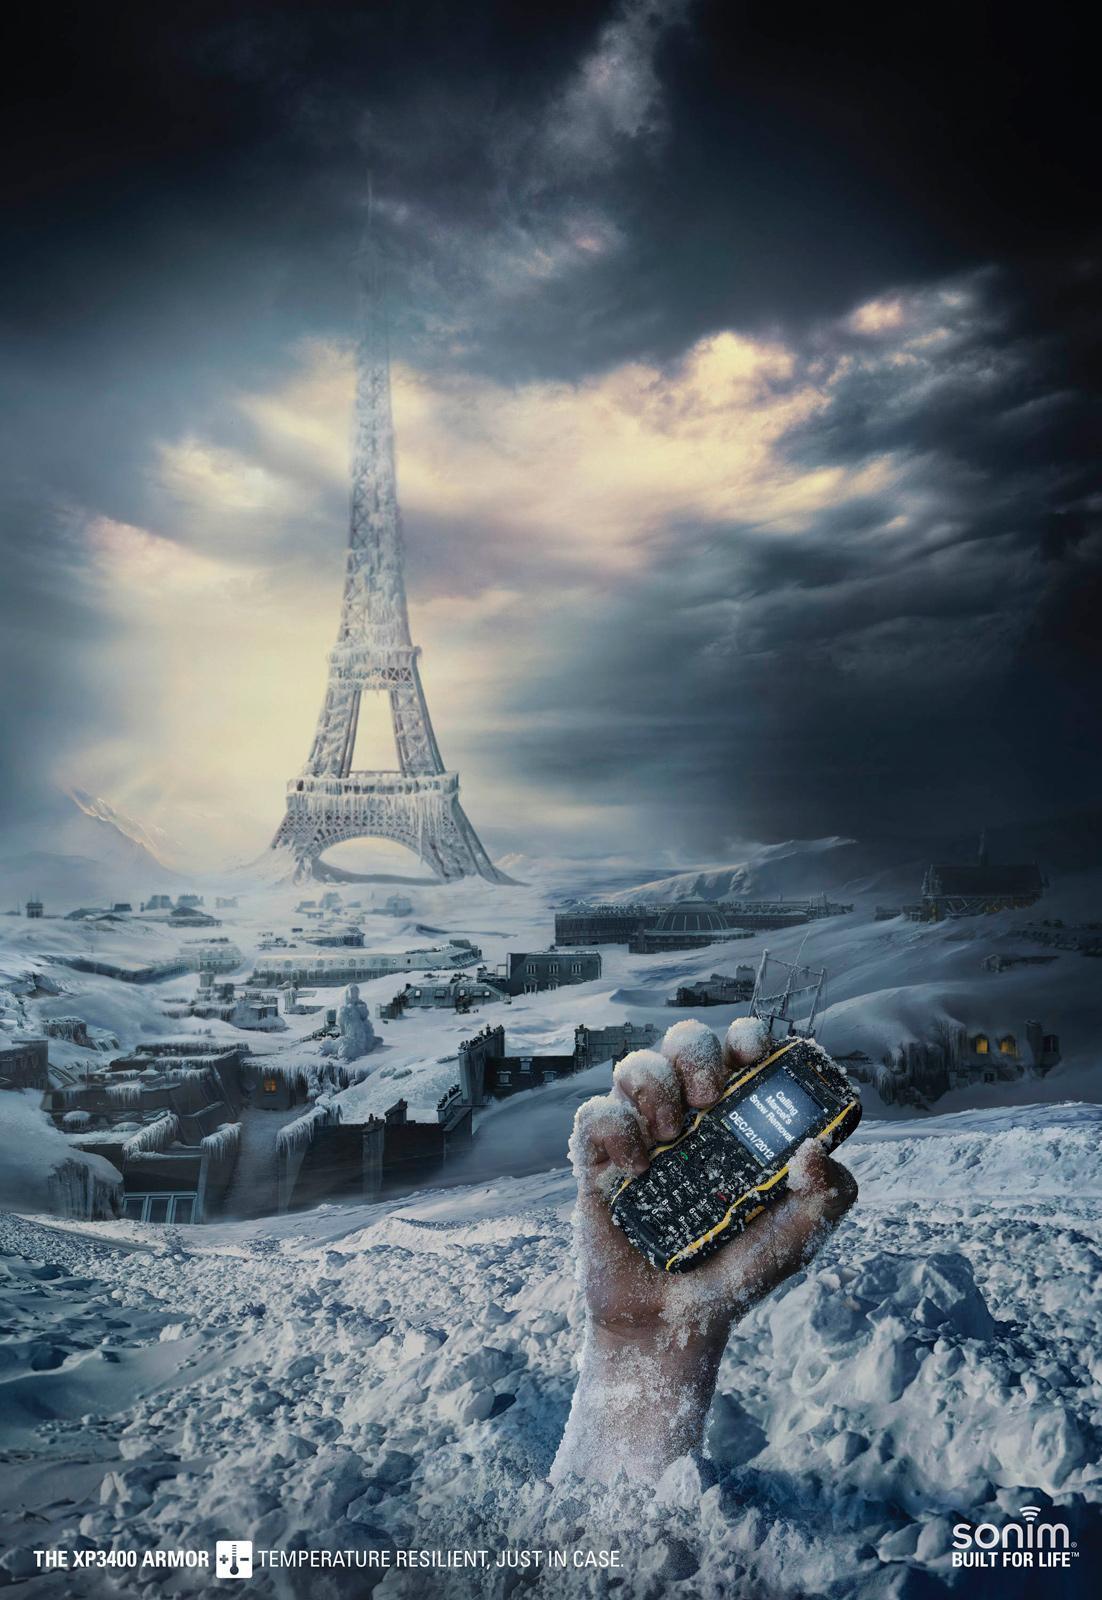 Bon courage aux Parisiens : les 80 publicités les plus créatives sur la Neige #neigeparis 32